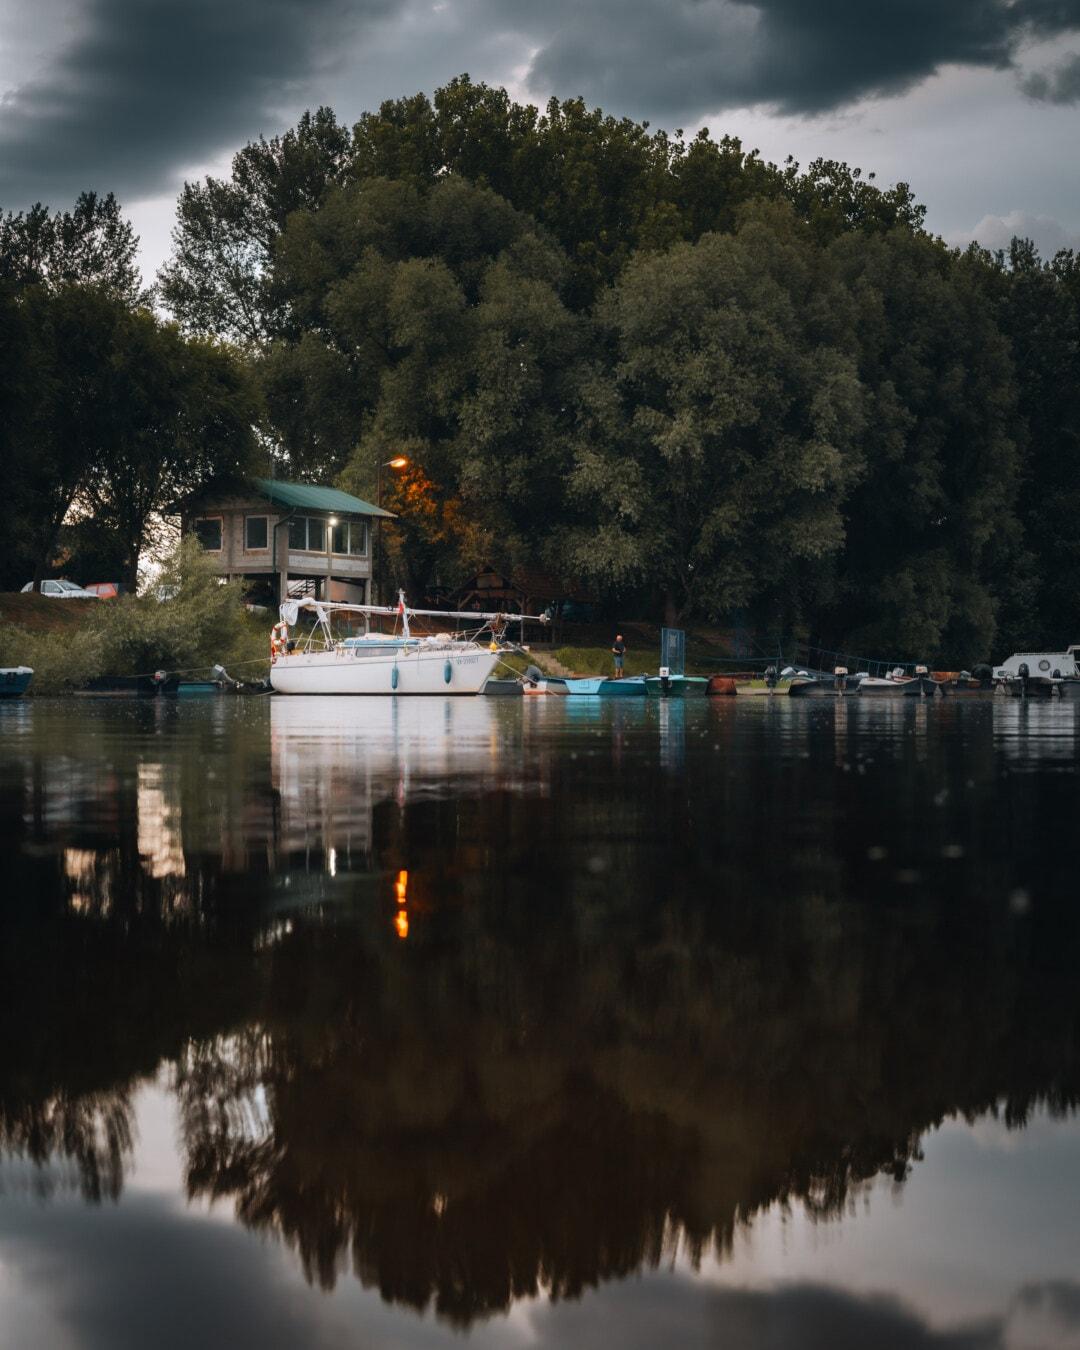 dramatique, nuages, soirée, au bord du lac, zone urbaine, Lac, paysage, réflexion, eau, remise à bateaux